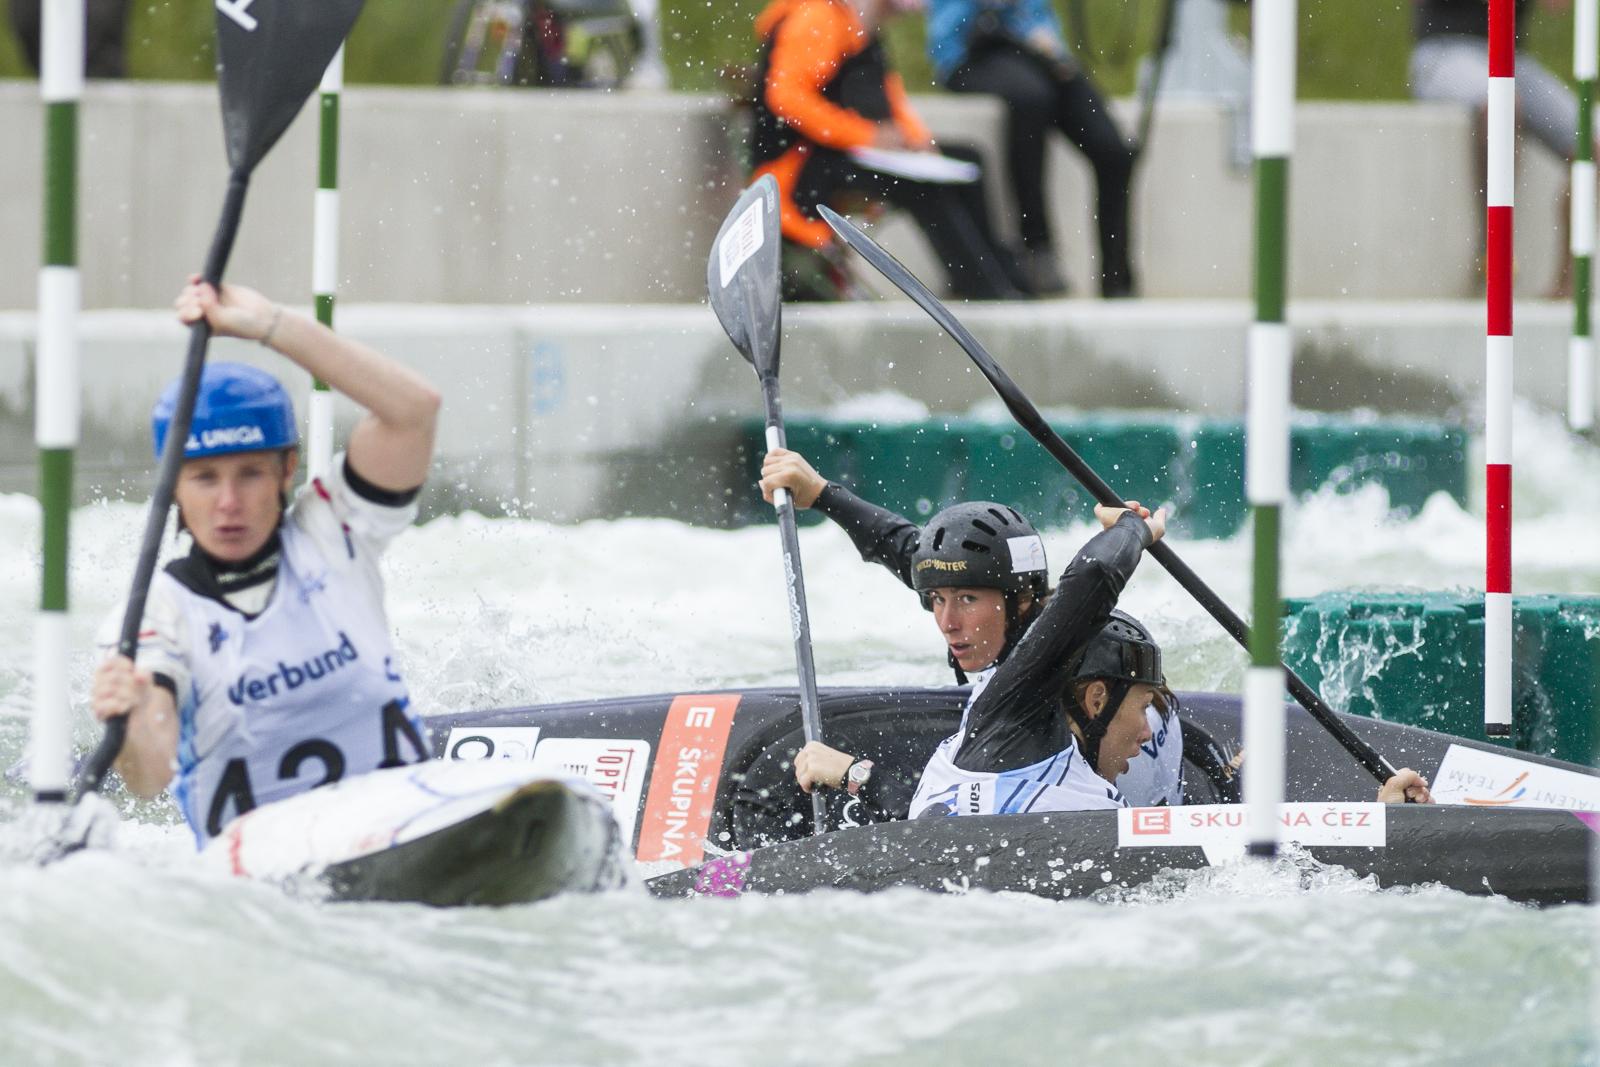 Druhý závod SP vodních slalomářů se jede v Tacenu